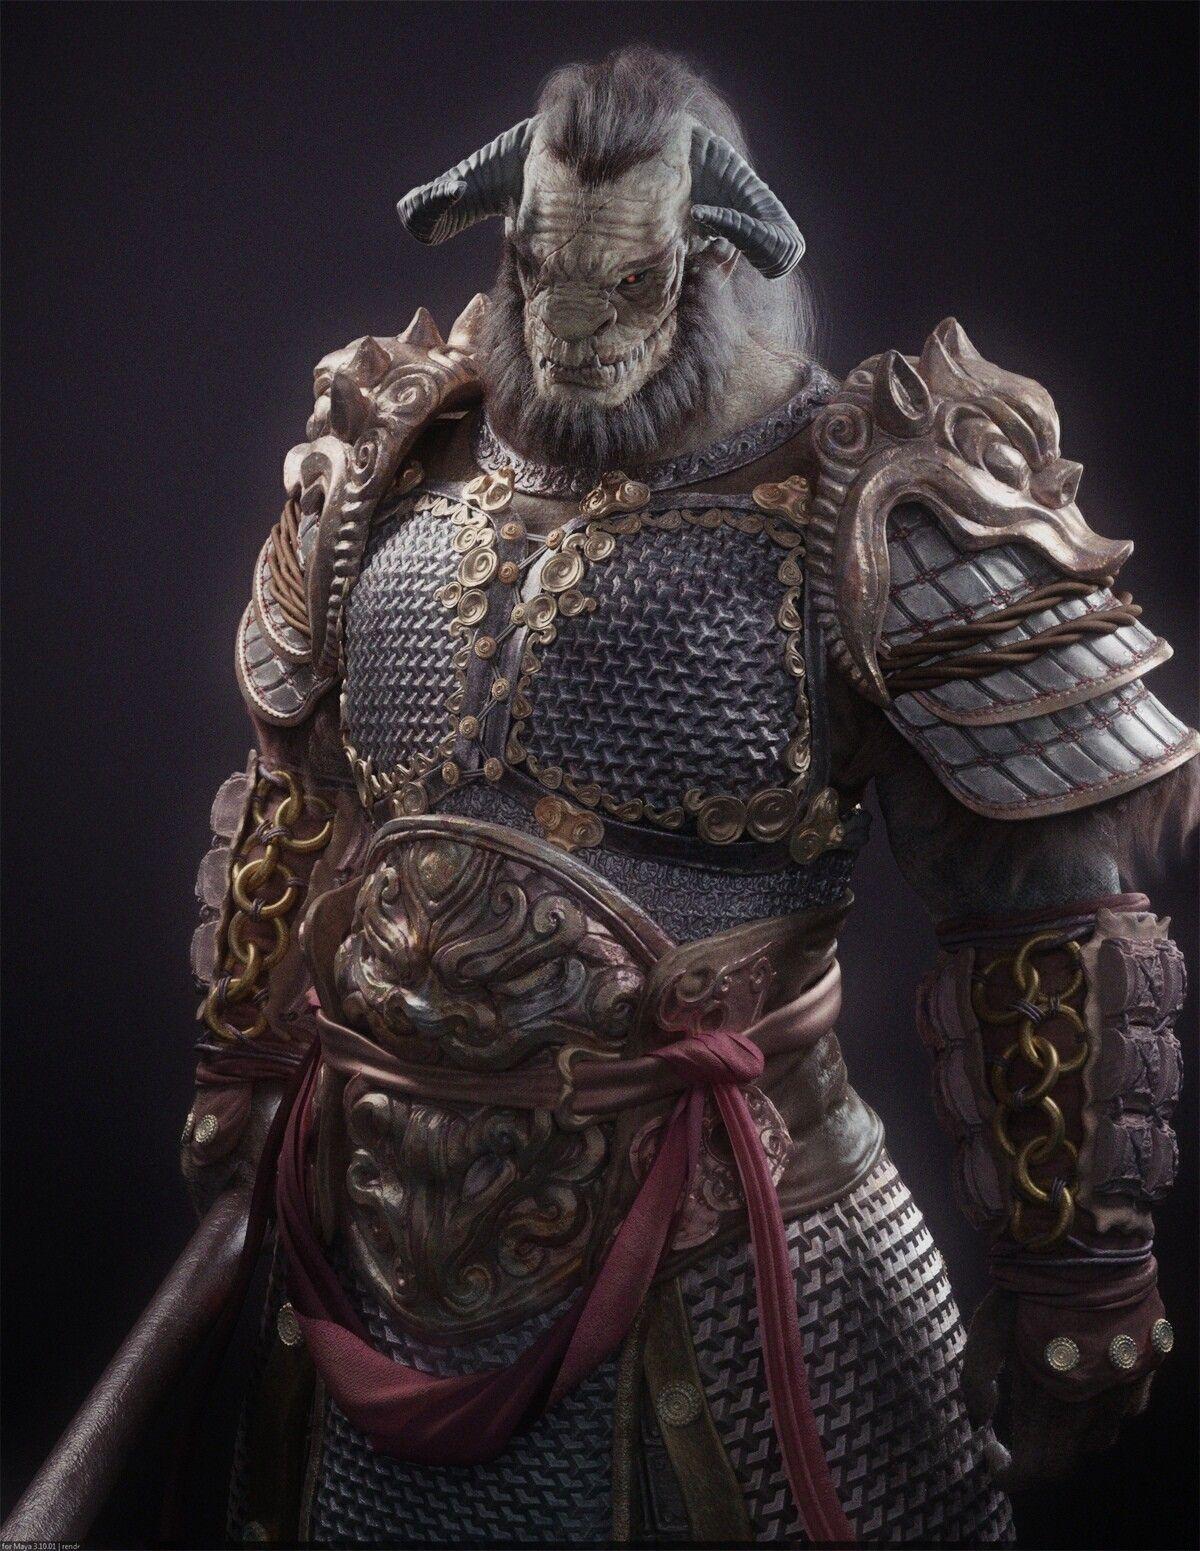 Bull Demon King, yipeng zhang on ArtStation at https://www.artstation.com/artwork/5Zg91